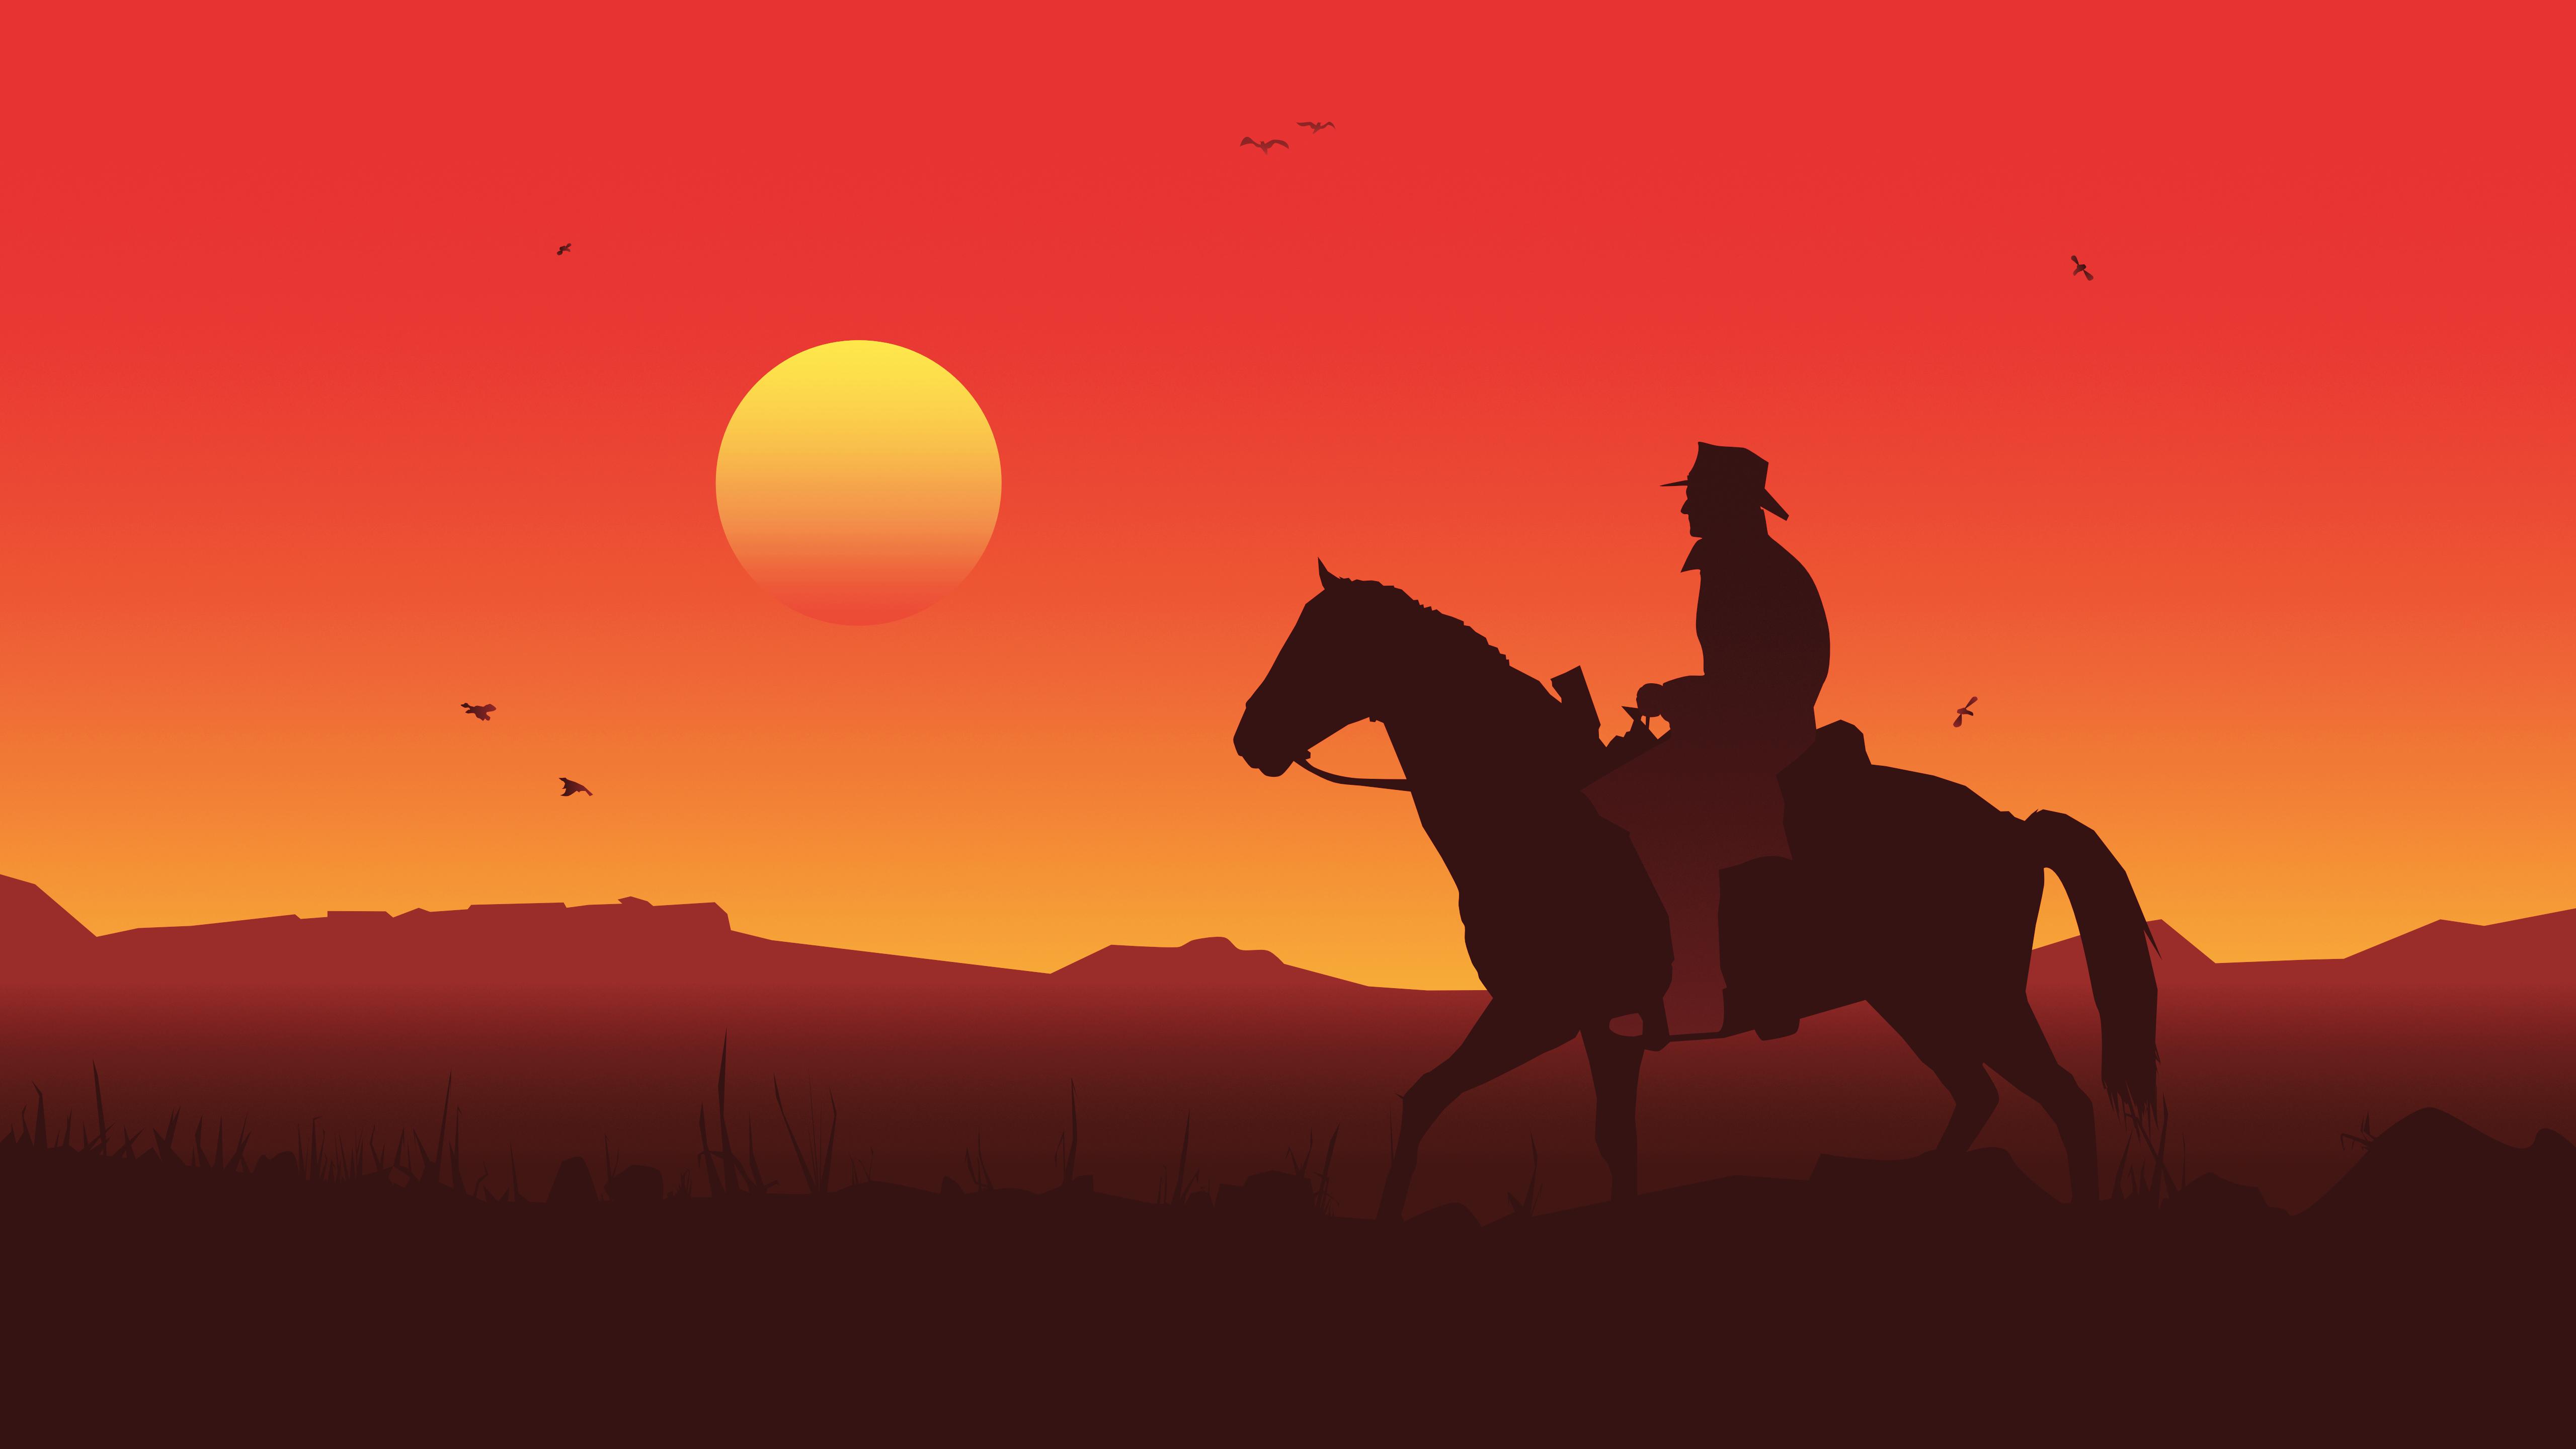 Red Dead Redemption 2 Illustration 5k, HD Games, 4k ...